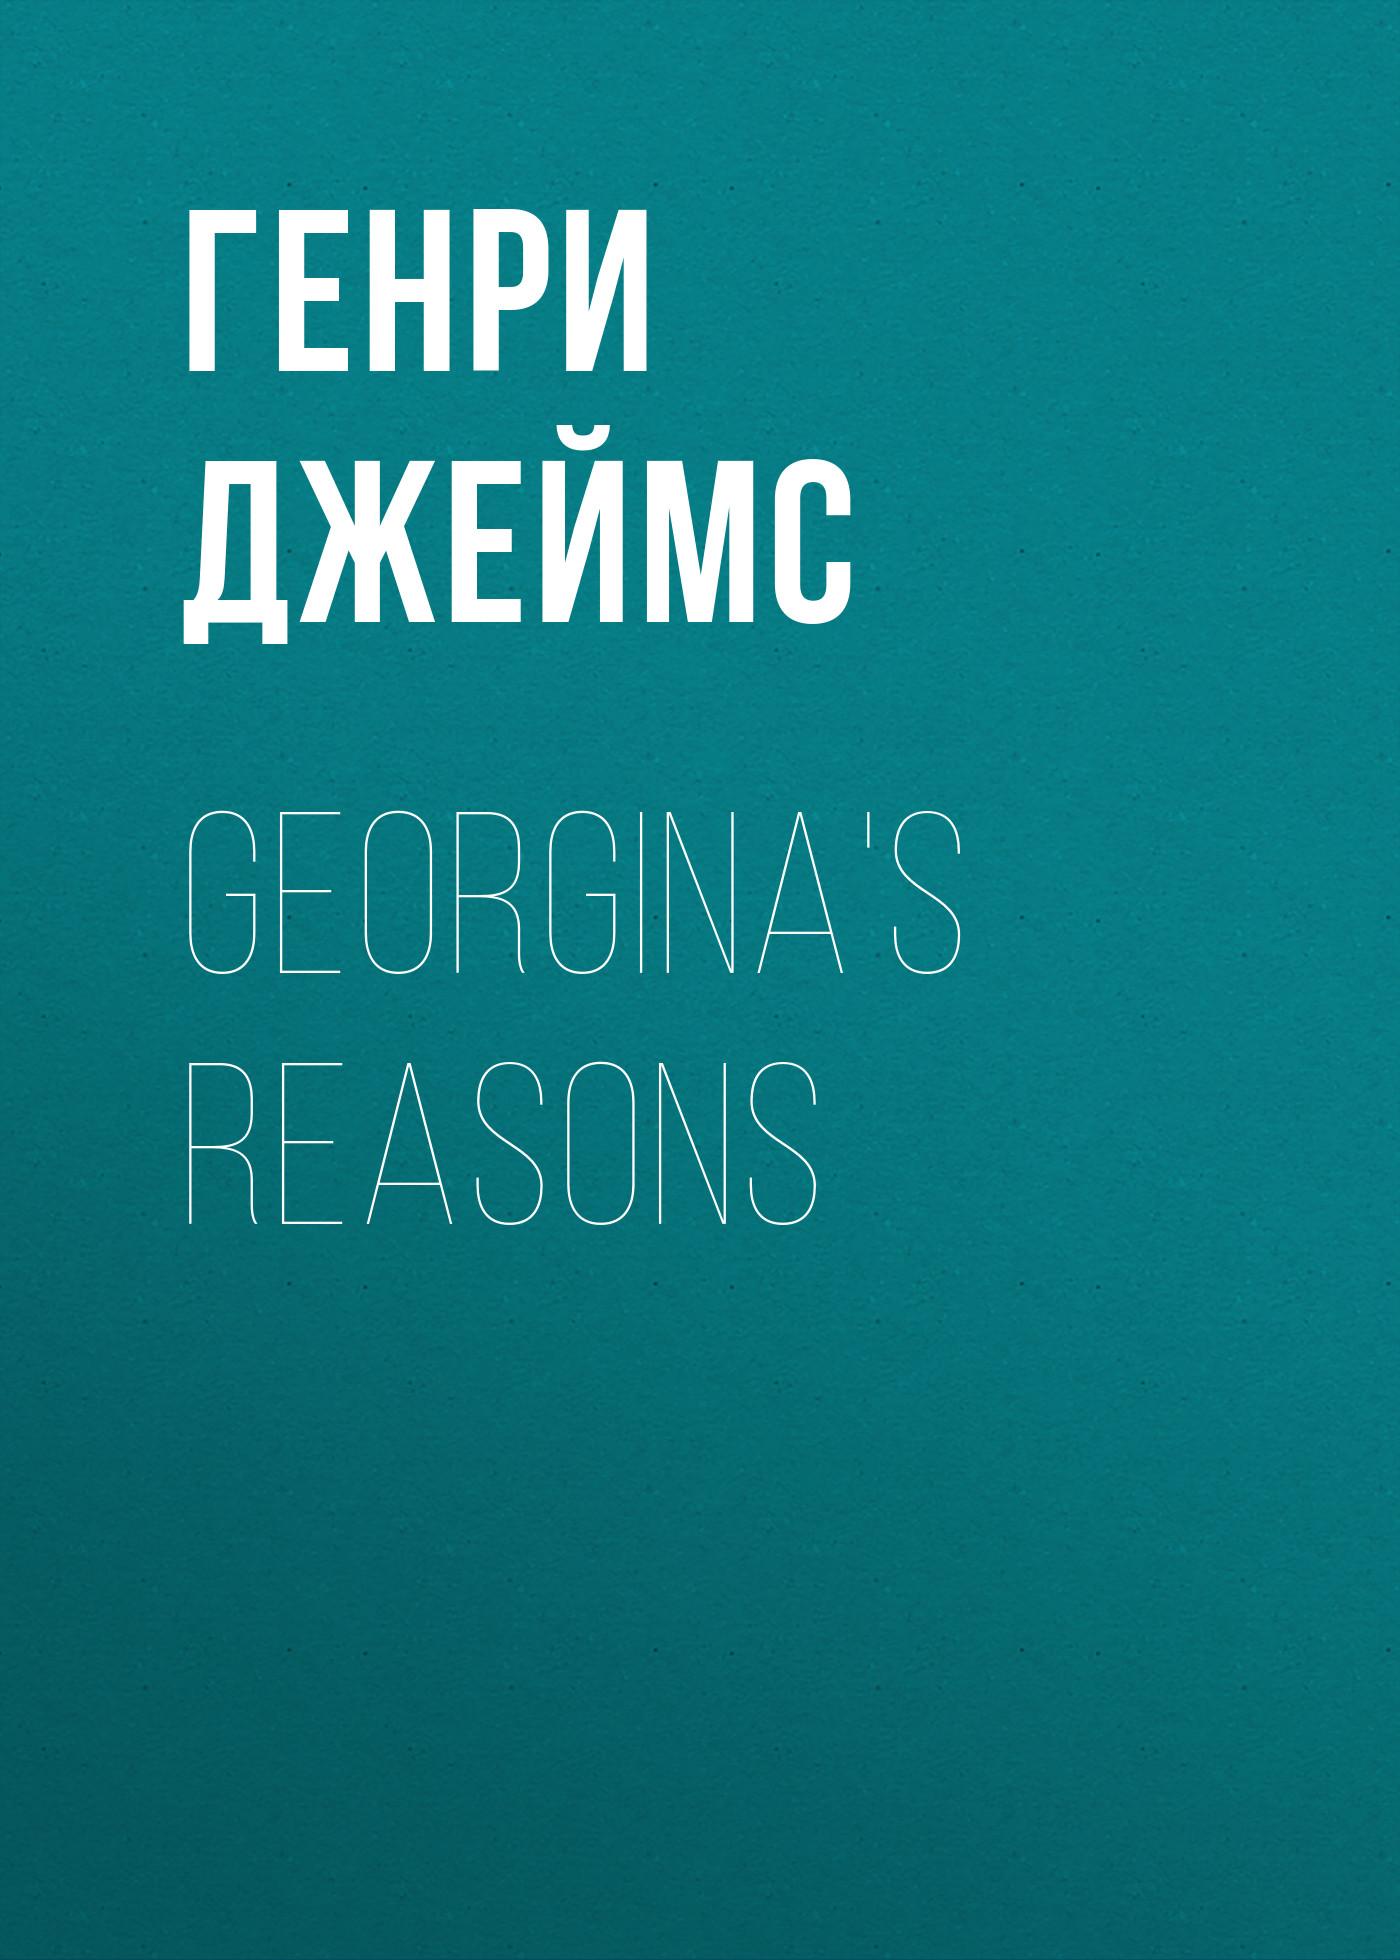 Генри Джеймс Georgina's Reasons генри джеймс louisa pallant